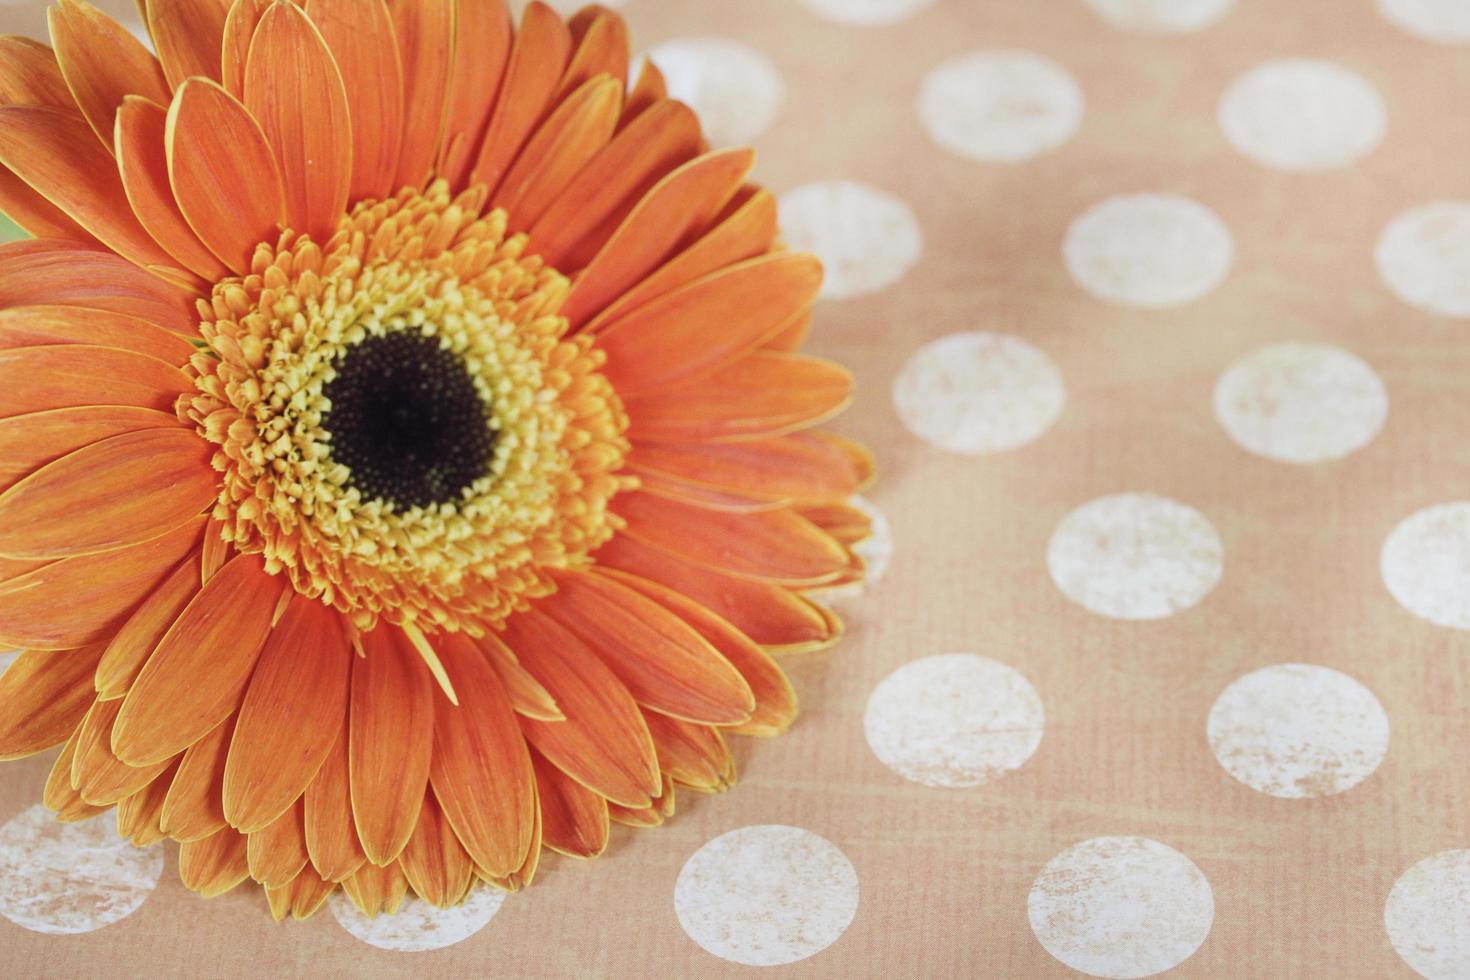 flor de naranja sobre mantel de lunares foto